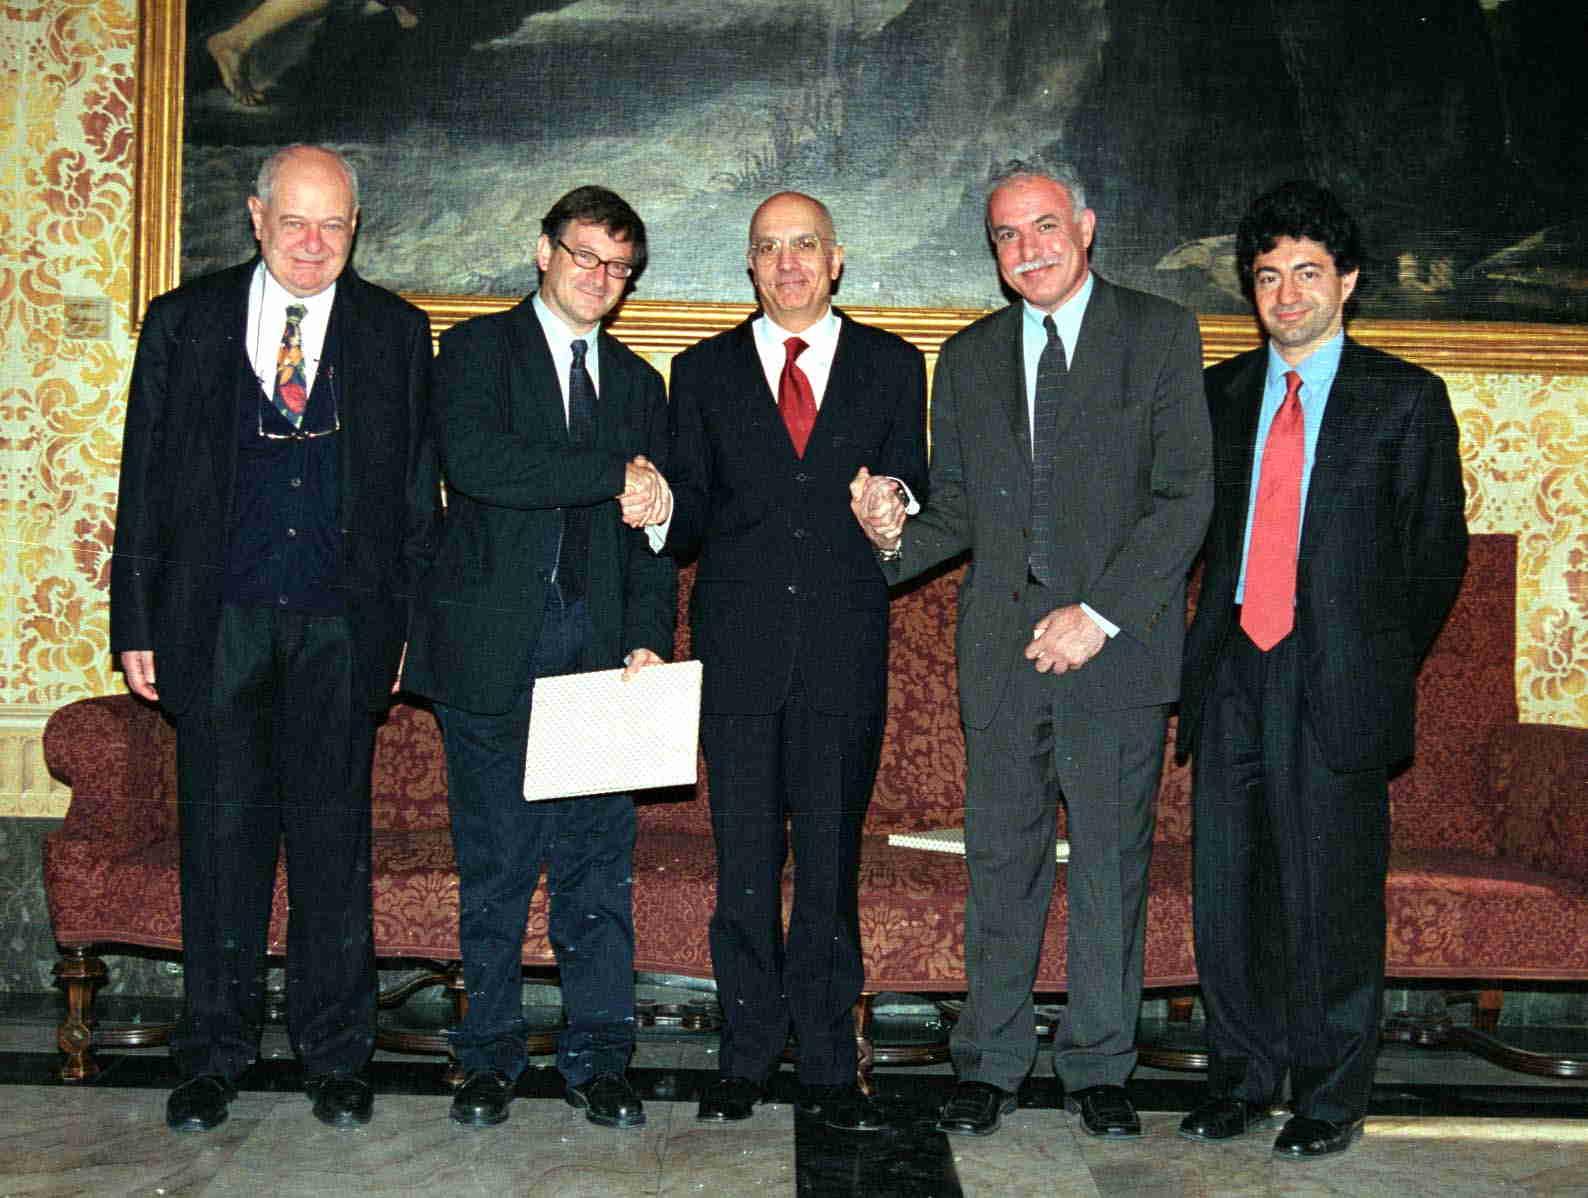 Il Sindaco Gabriele Albertini stringe la mano ai capi delegazione, Ron Pundak, direttore del Peres Center di Tel Aviv, e Riyad el-Malki, direttore del Panorama Center di Ramallah. Insieme a loro Janiki Cingoli e il Consigliere Luca Fratini del Ministero degli Affari Esteri.